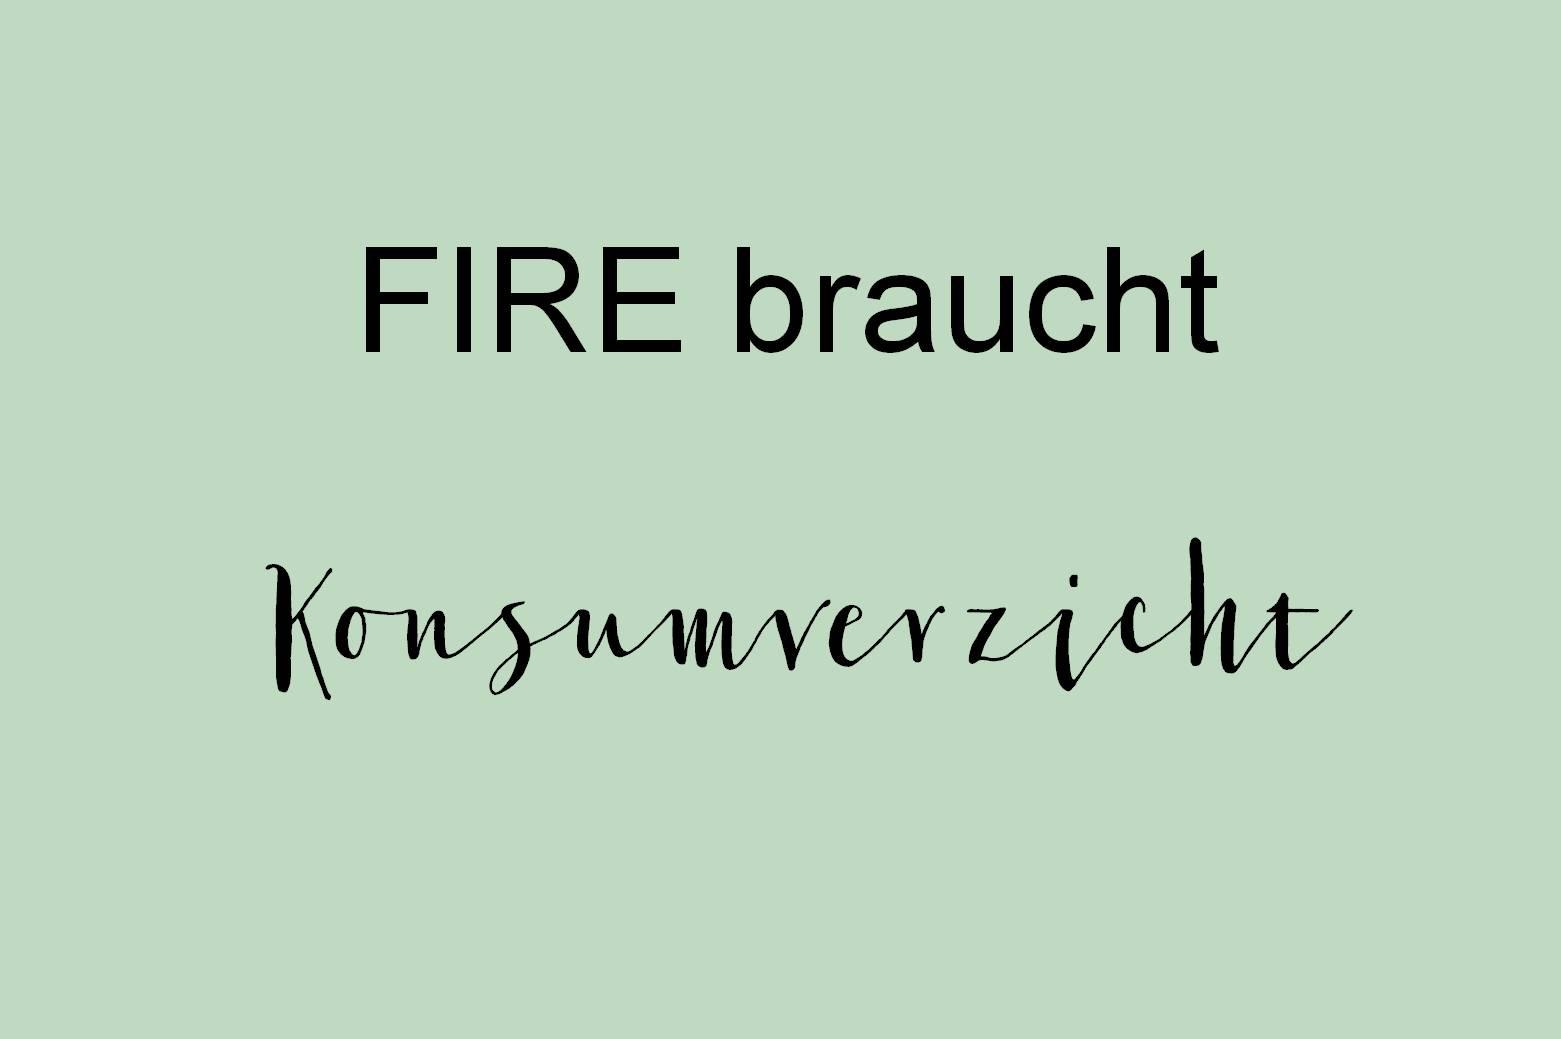 FIRE braucht Konsumverzicht